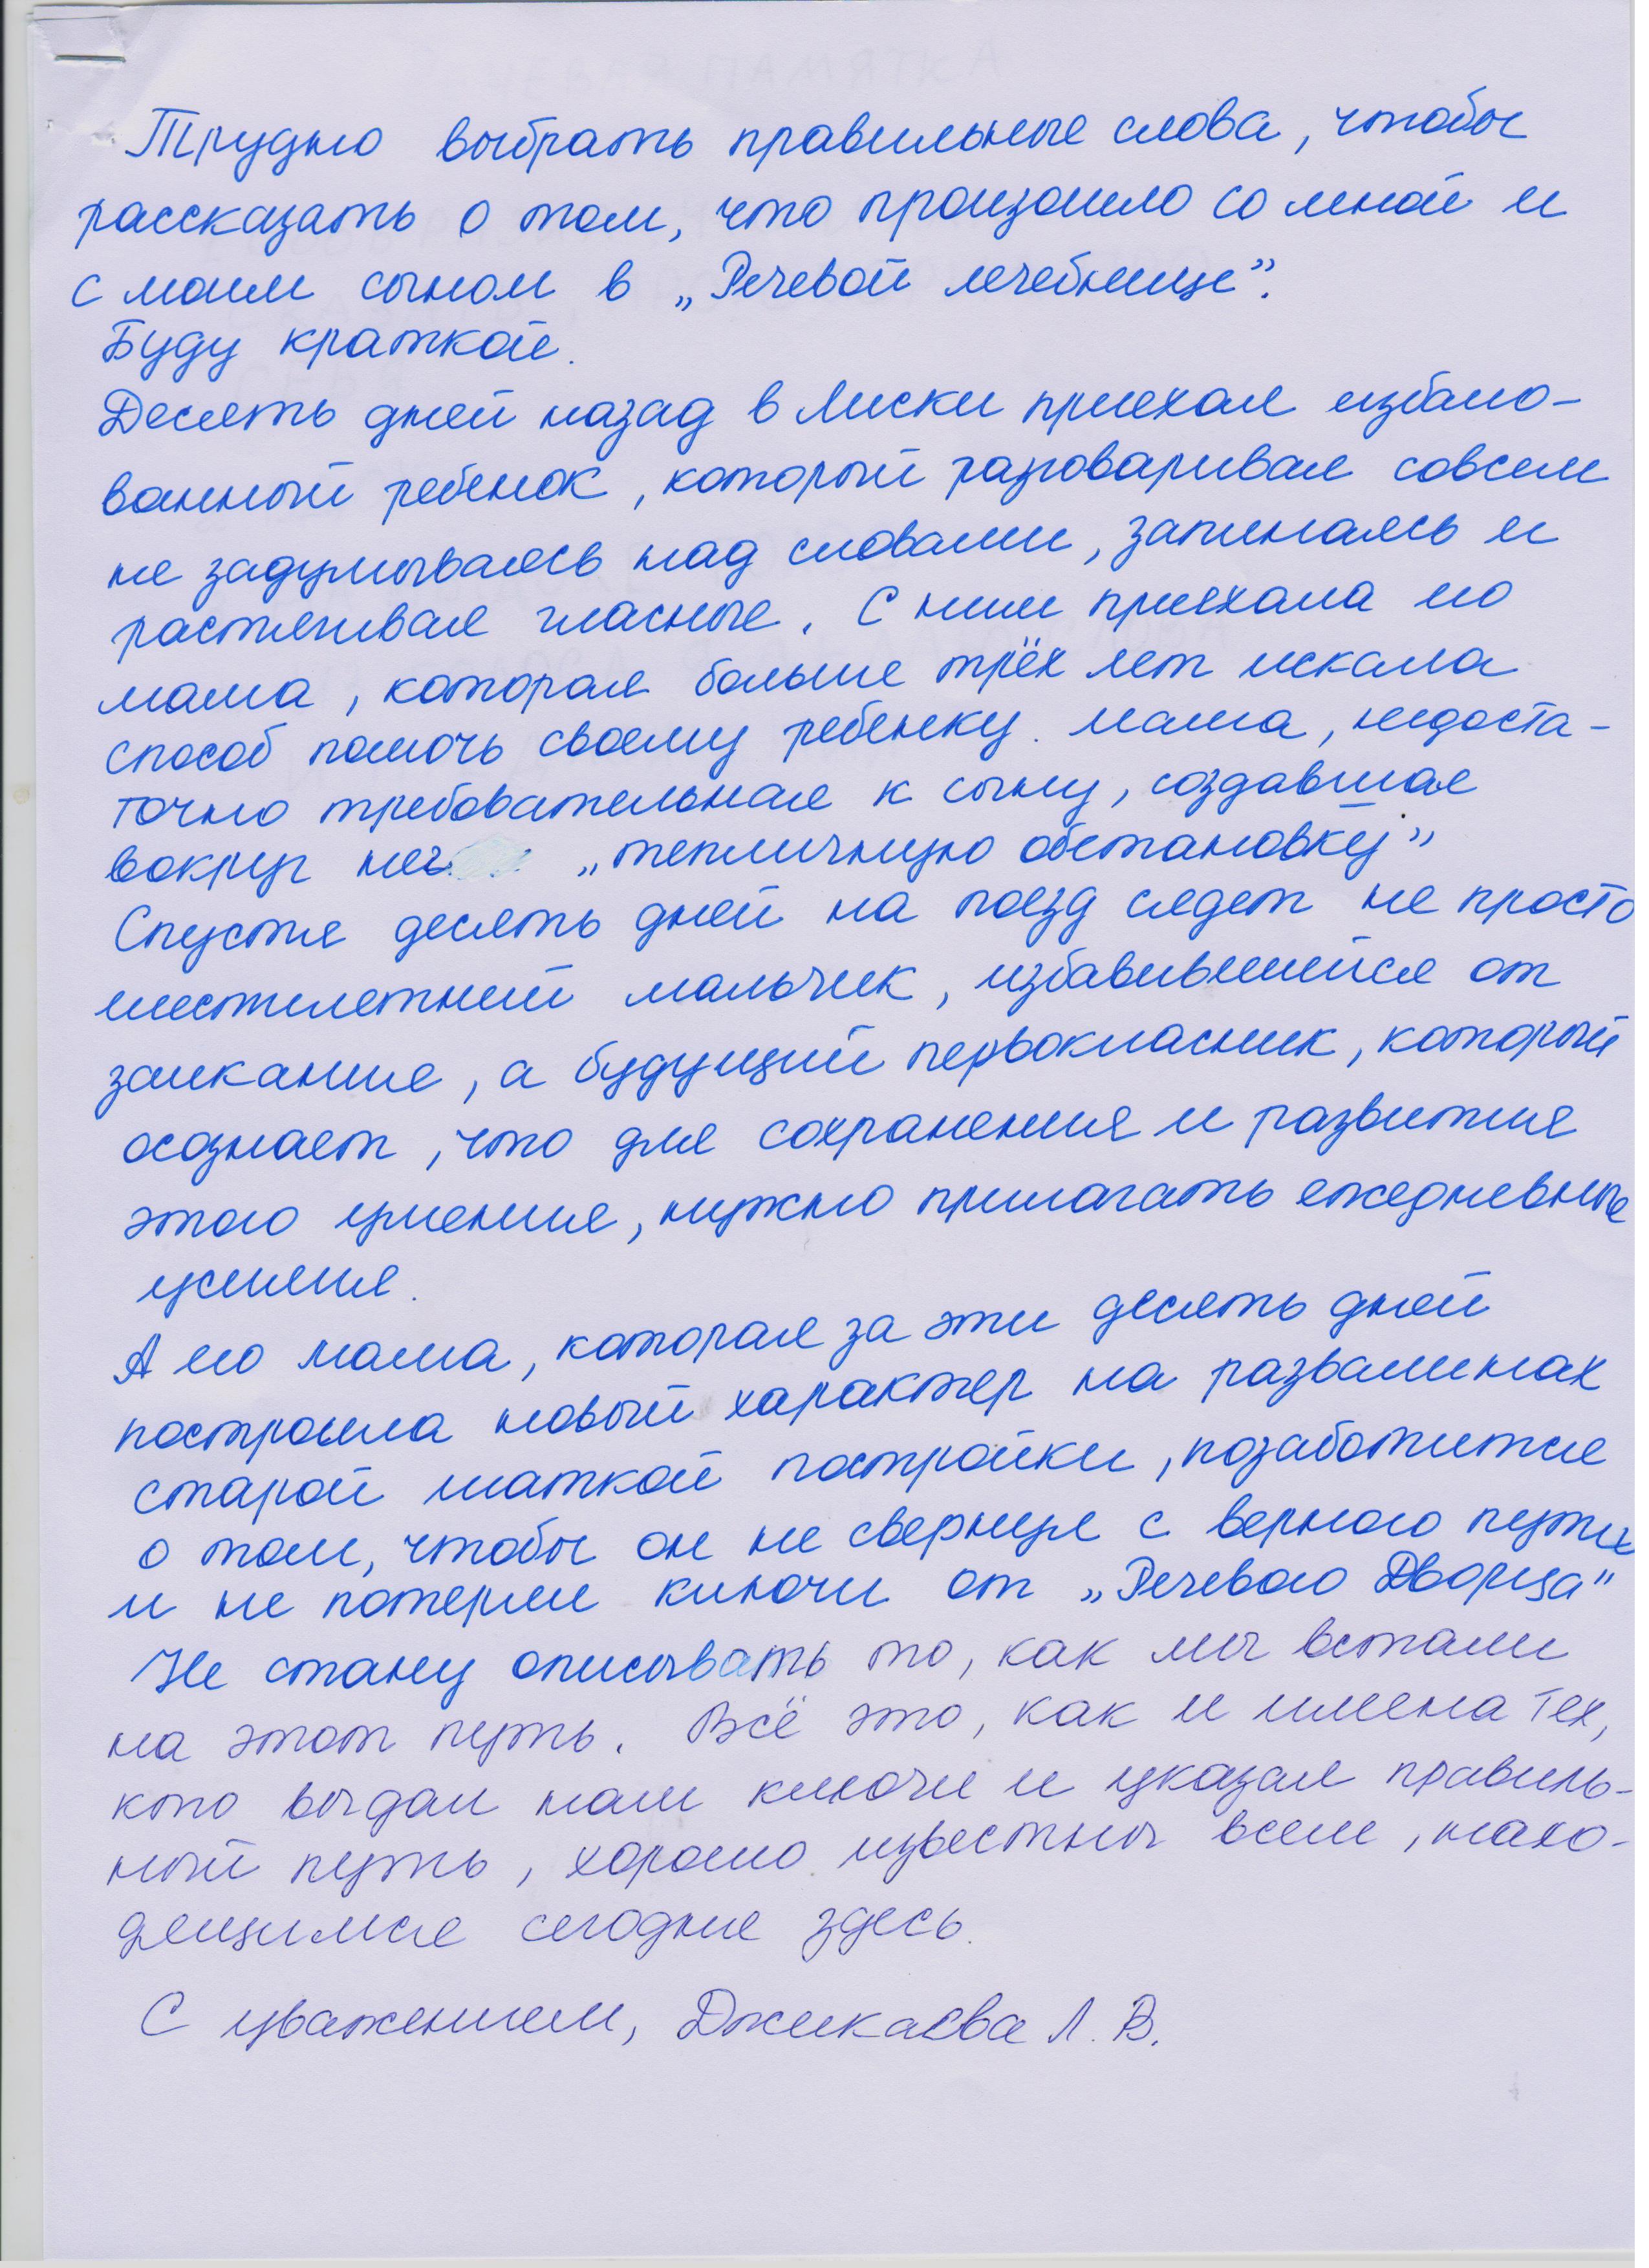 Отзыв мамы Григория 6,5 лет о результатах работы в Речевой Лечебнице Иванкина П. А.